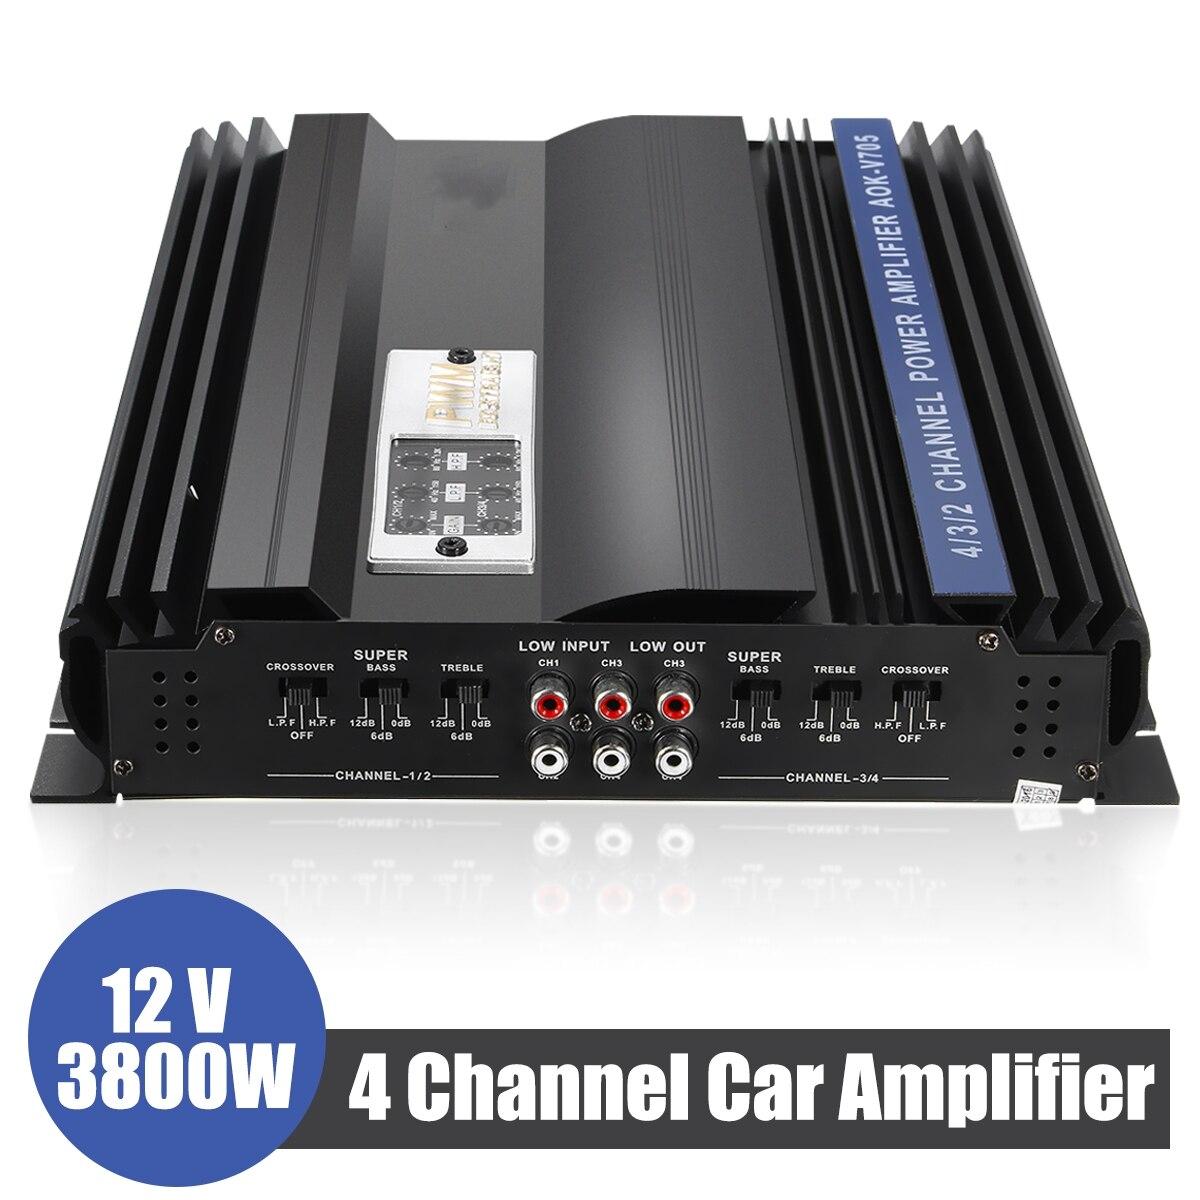 3800 Вт 4 канала Автомобильный усилитель динамик автомобильный аудио стерео бас усилитель супер бас выходная мощность стерео усилитель автом...